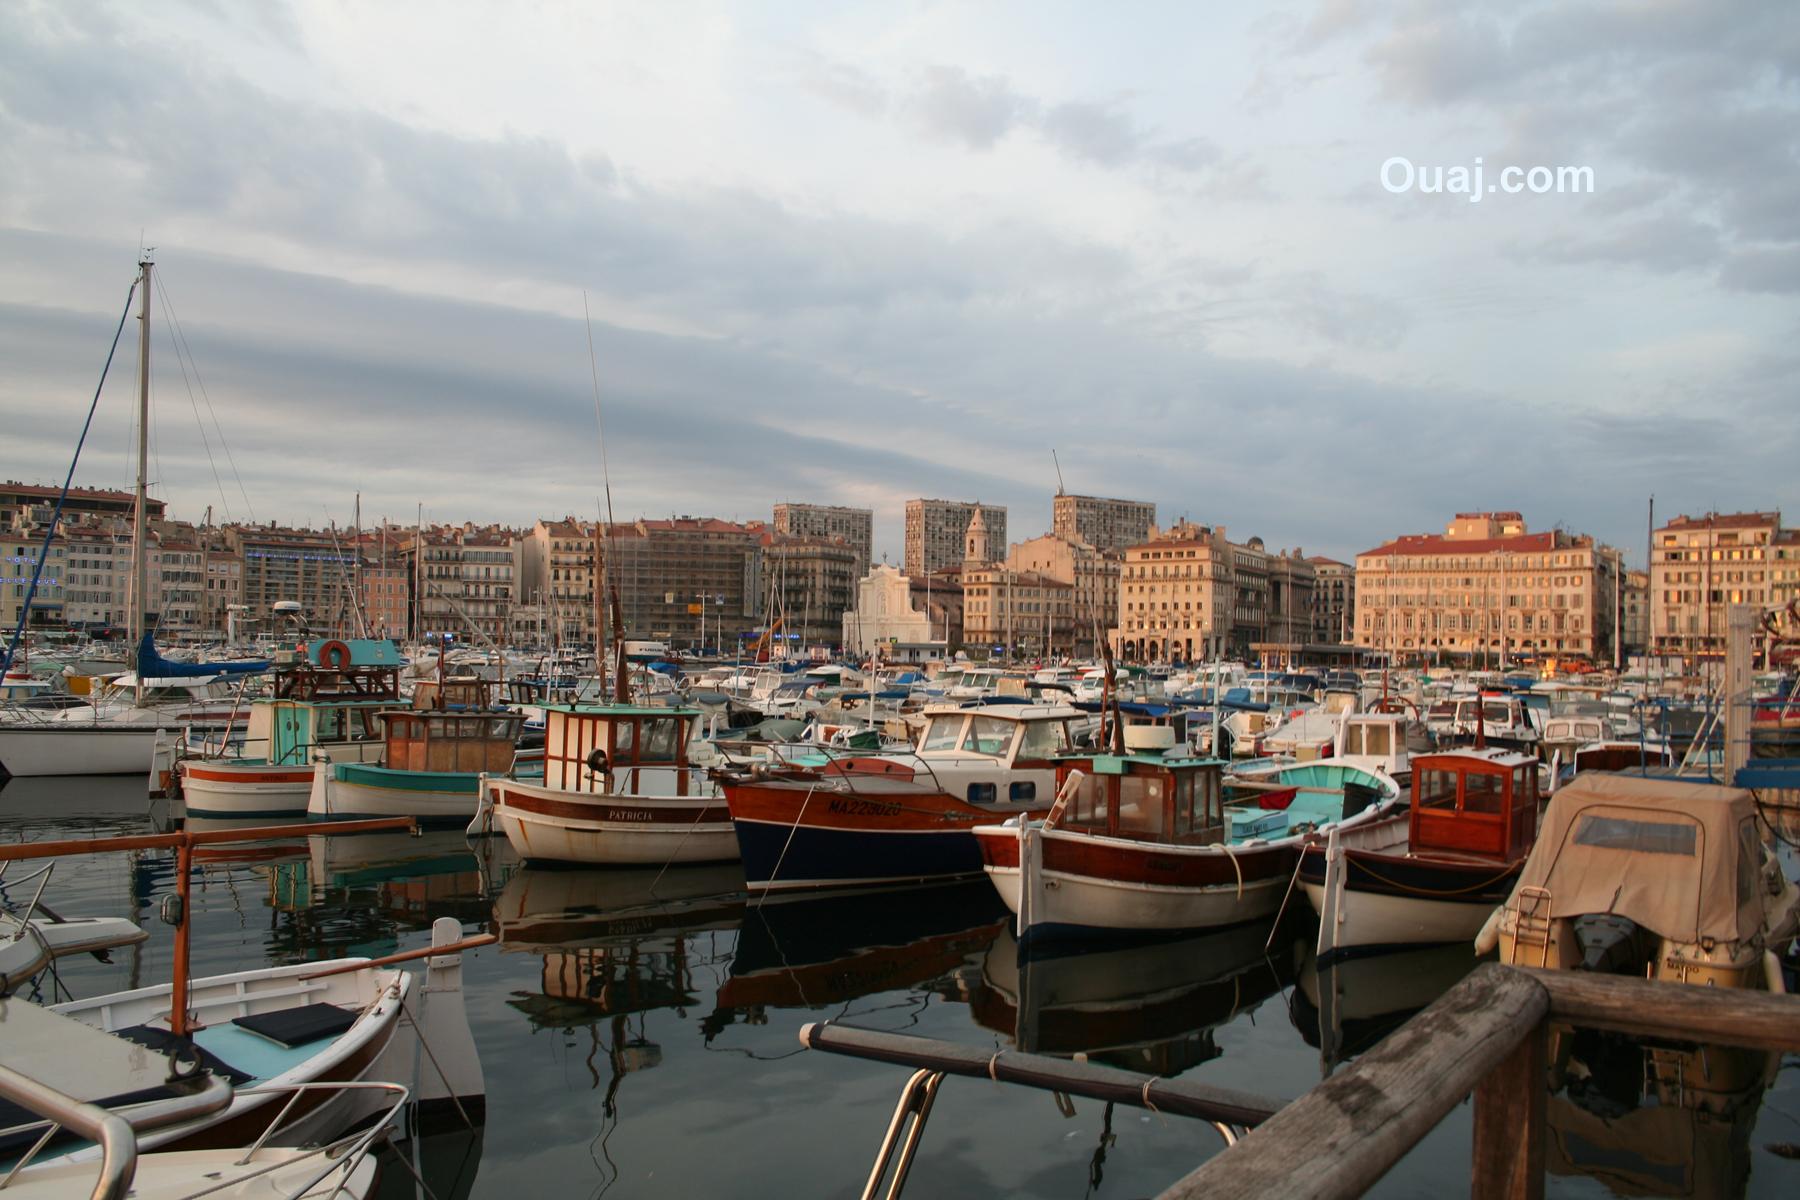 Le vieux port marseille photos et hotels marseille sur le vieux port - Restaurant libanais marseille vieux port ...